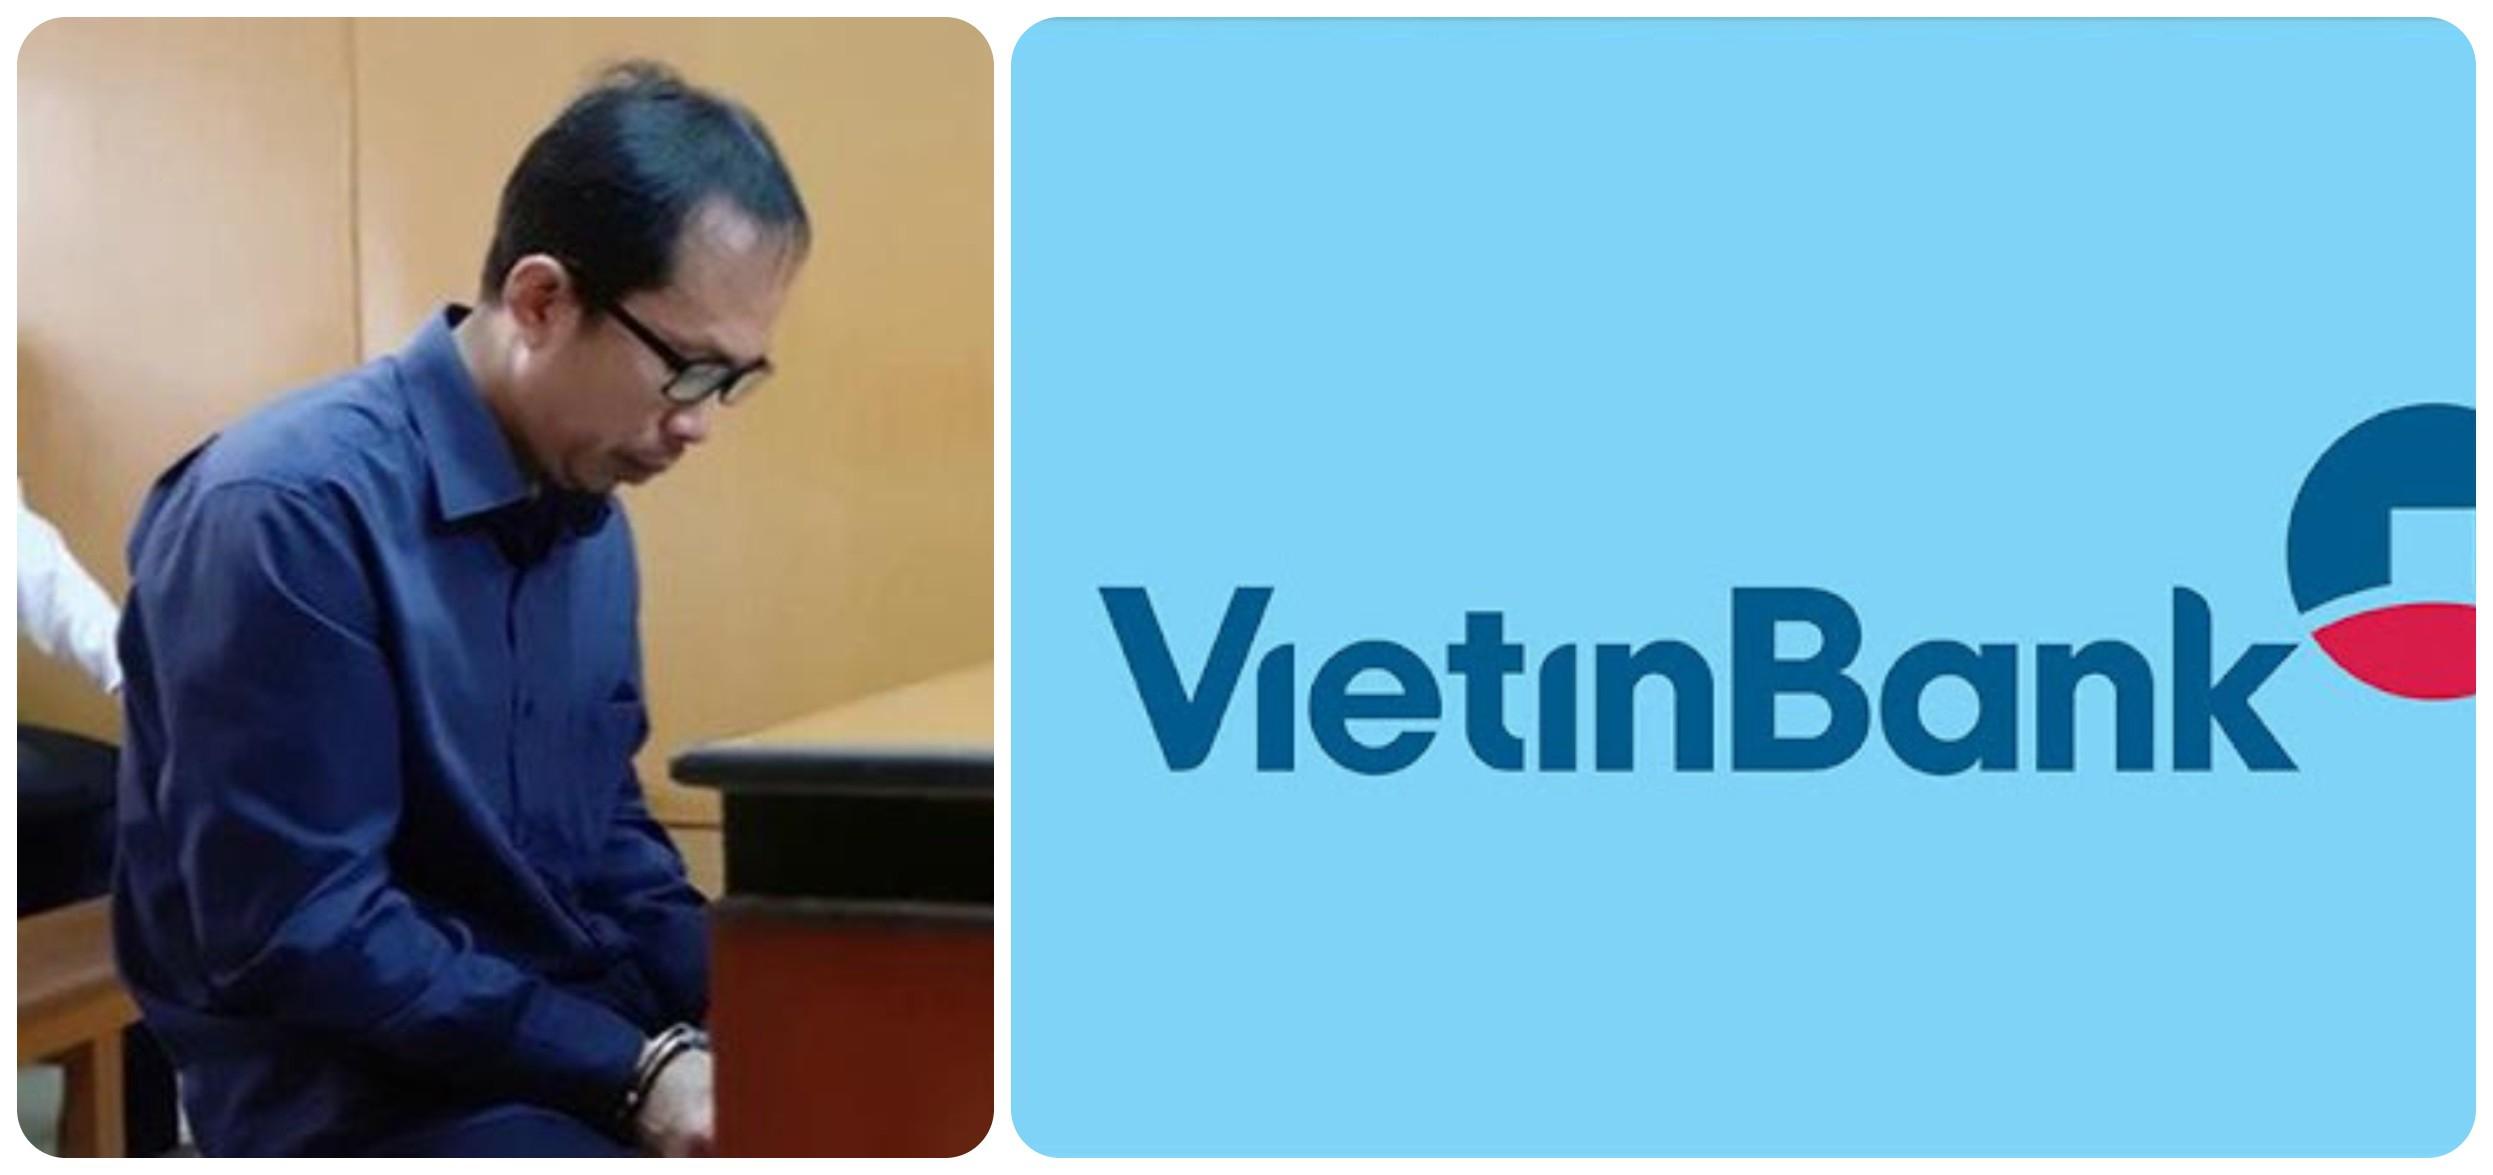 Cựu trưởng phòng Vietinbank làm giả giấy tờ chiếm đoạt gần 400 tỉ đồng của khách hàng